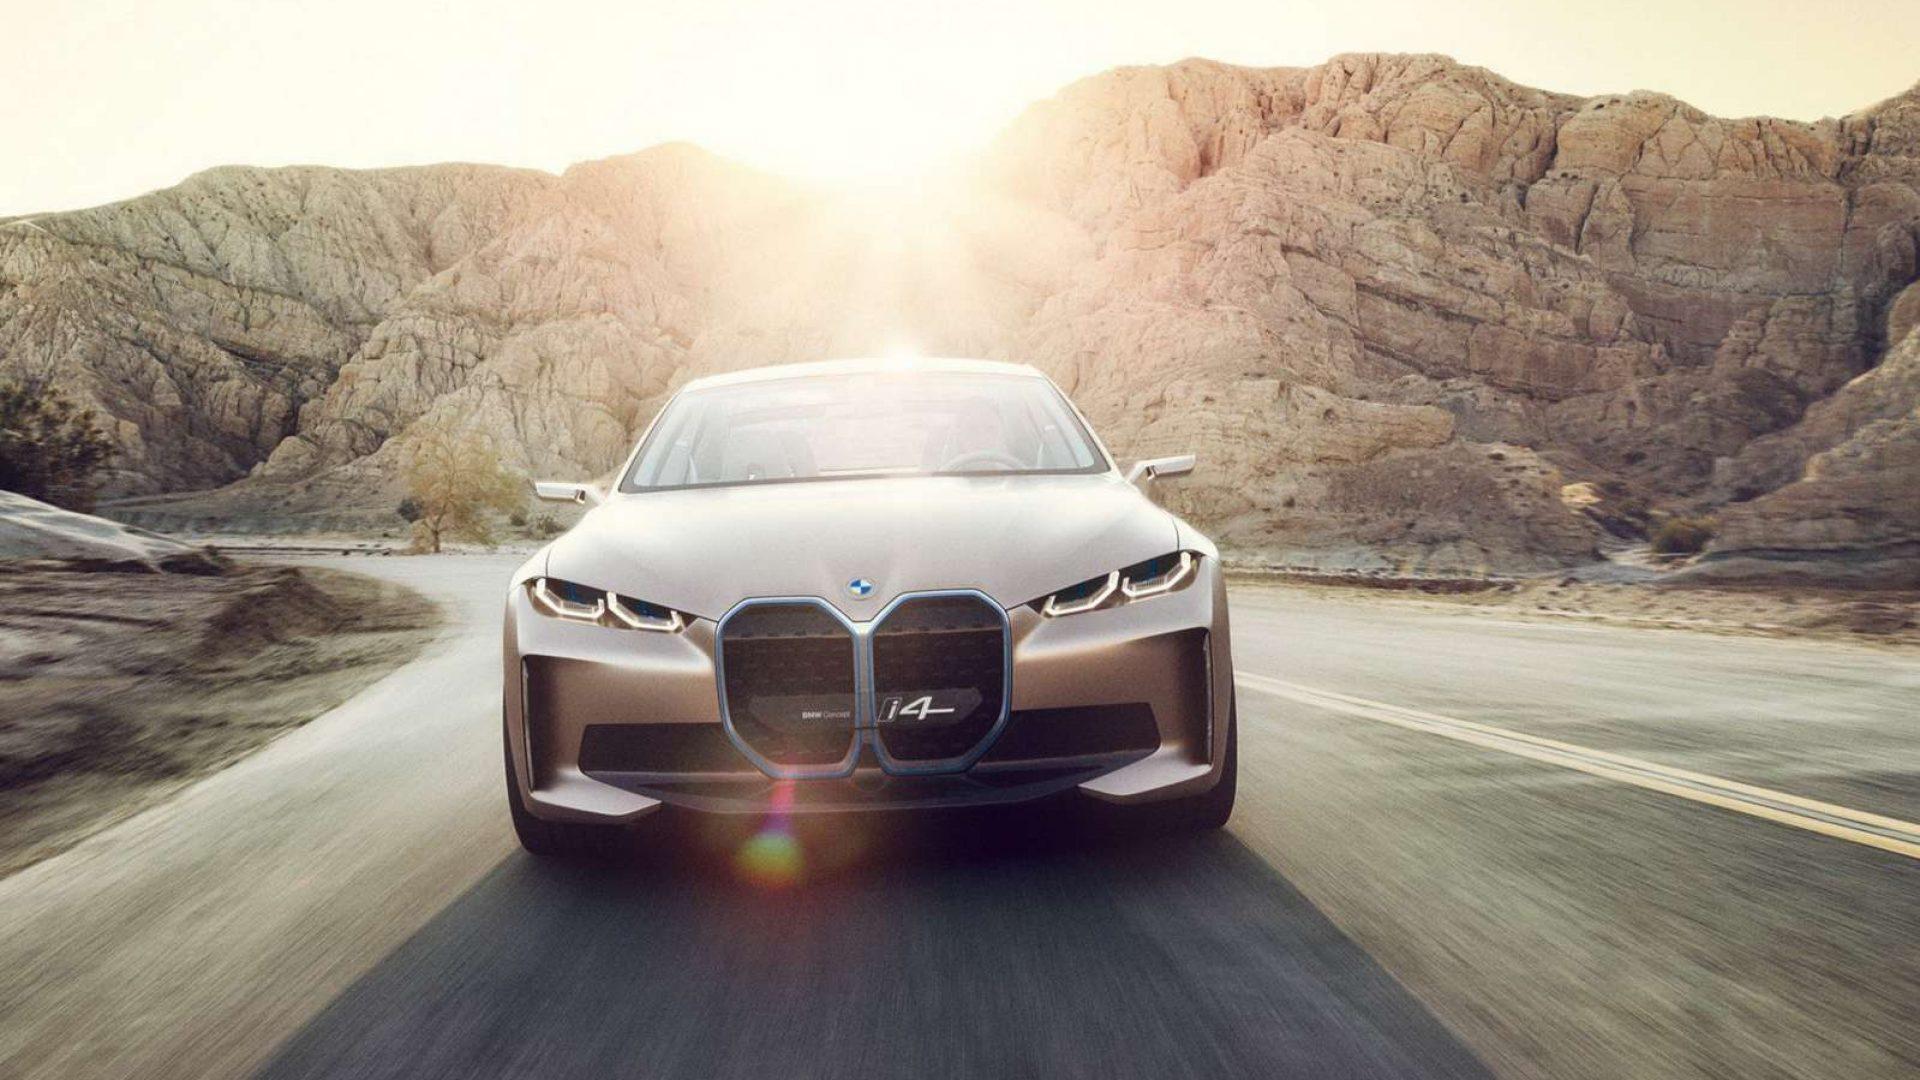 2020-BMW-Concept-i4-14